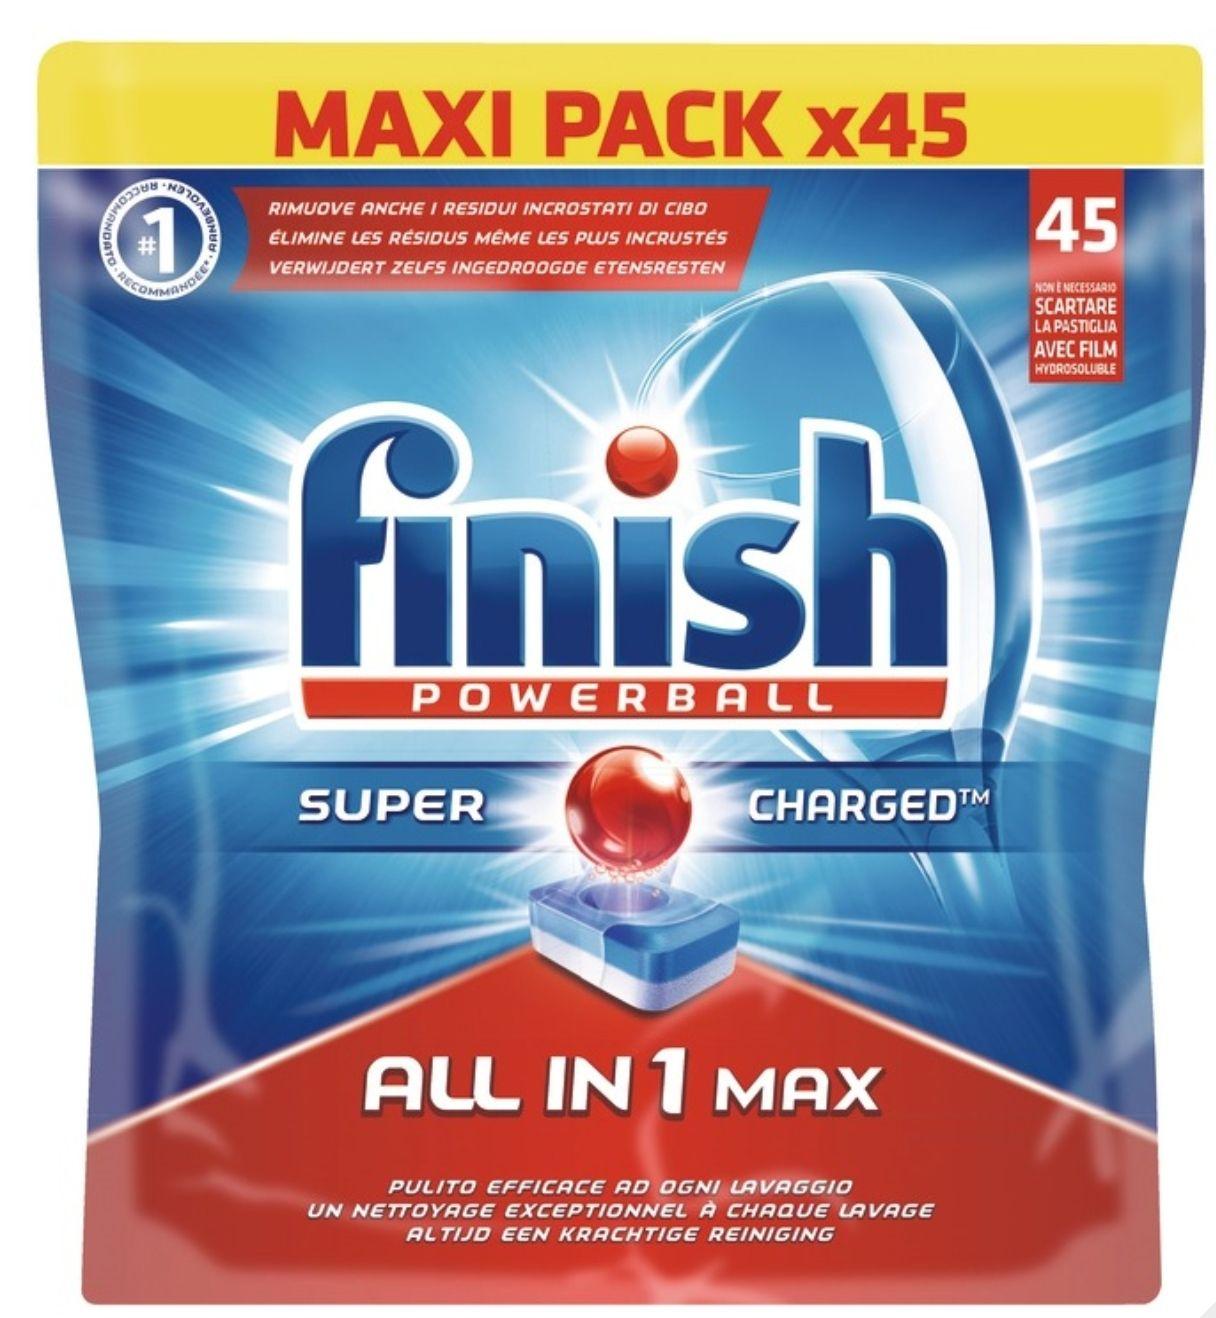 Lot de 2 Paquets de Tablettes Finish Powerball pour Lave-vaisselles (Variétés au choix) - 2 x 45